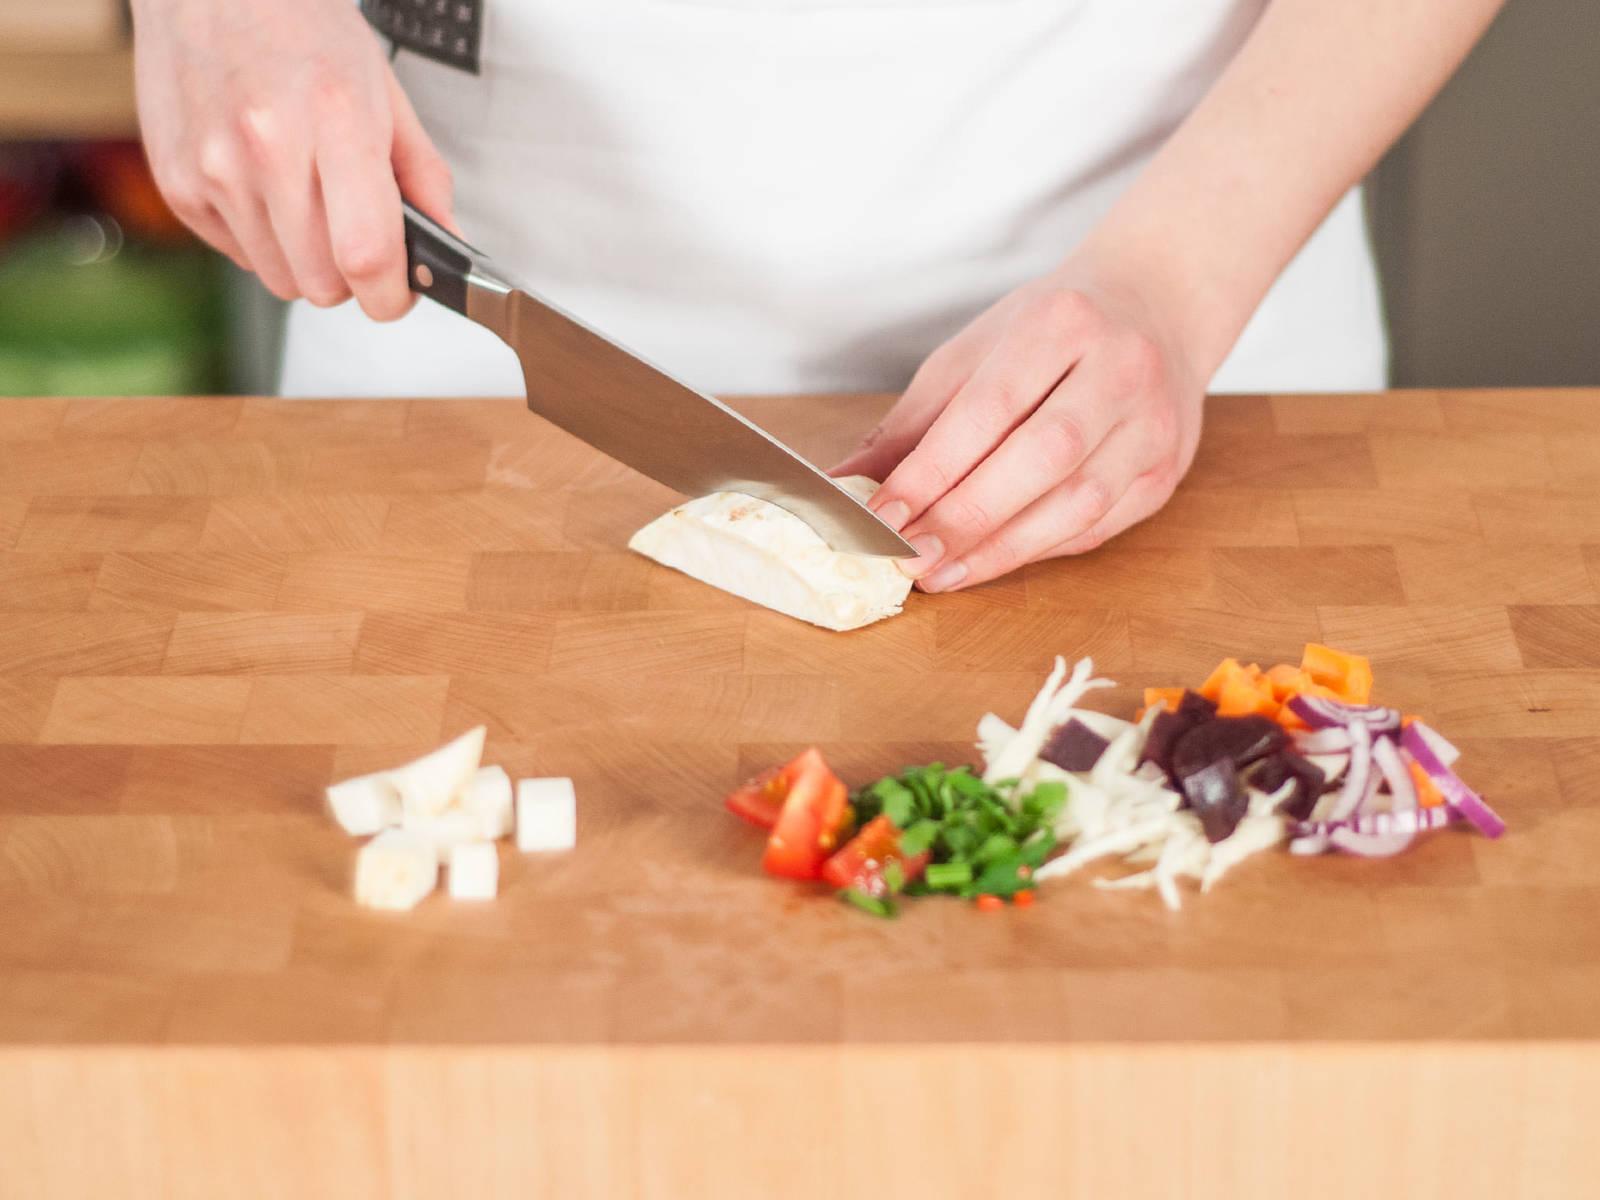 Petersilie grob hacken. Chili fein würfeln. Weißkohl und Zwiebeln in feine Ringe schneiden. Rote Bete, Karotten, Tomaten und Knollensellerie in mundgerechte Stücke schneiden.